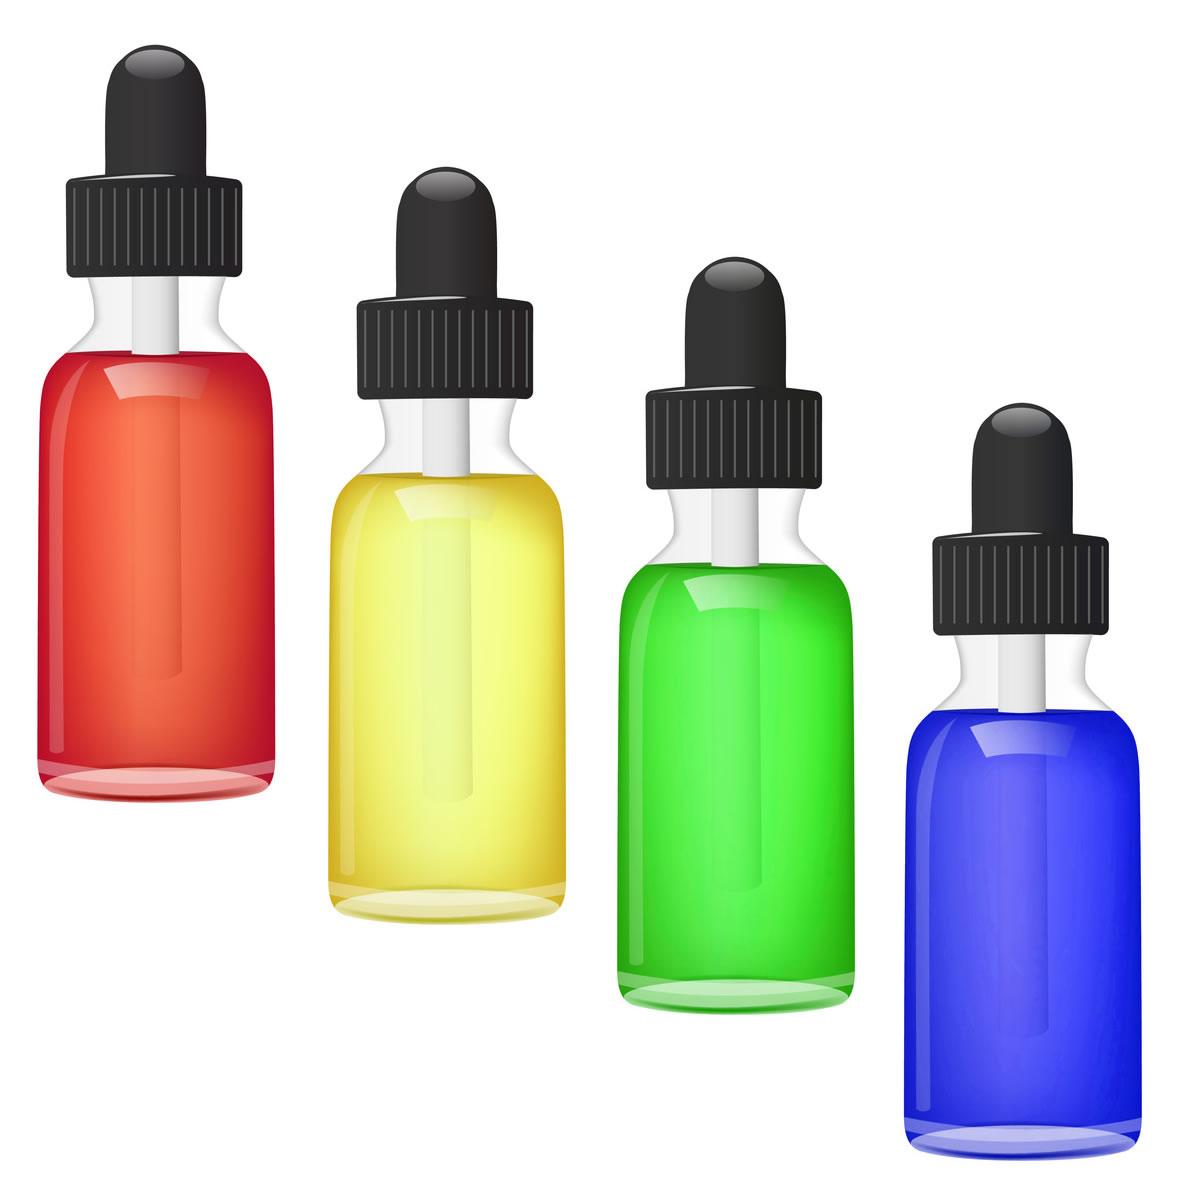 Nikotin Shots | Farbstoffe | Lebensmittelfarbe - 10ml